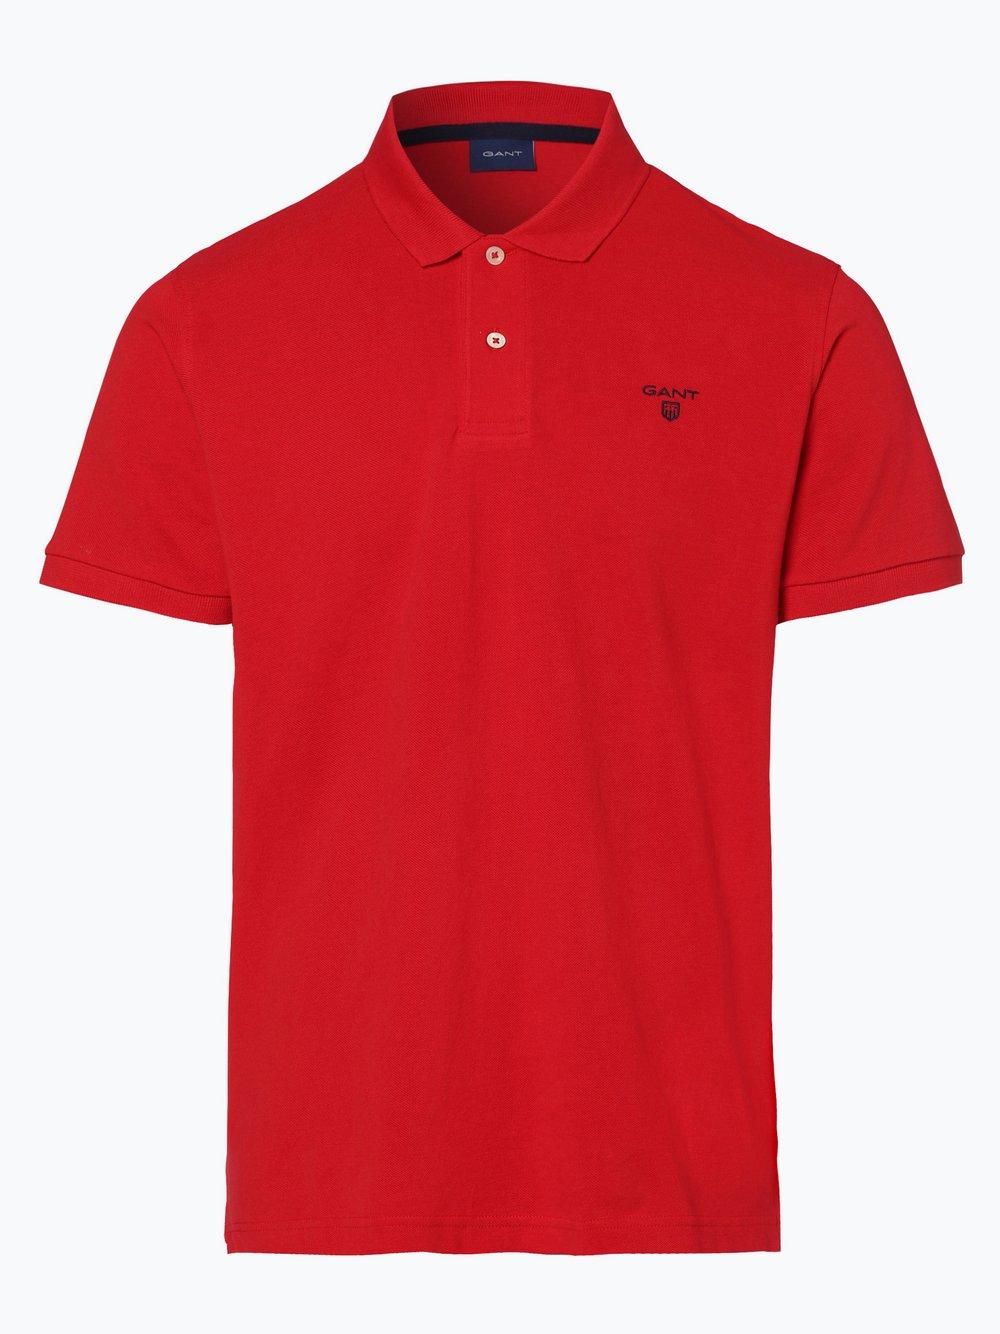 Gant - Męska koszulka polo, czerwony